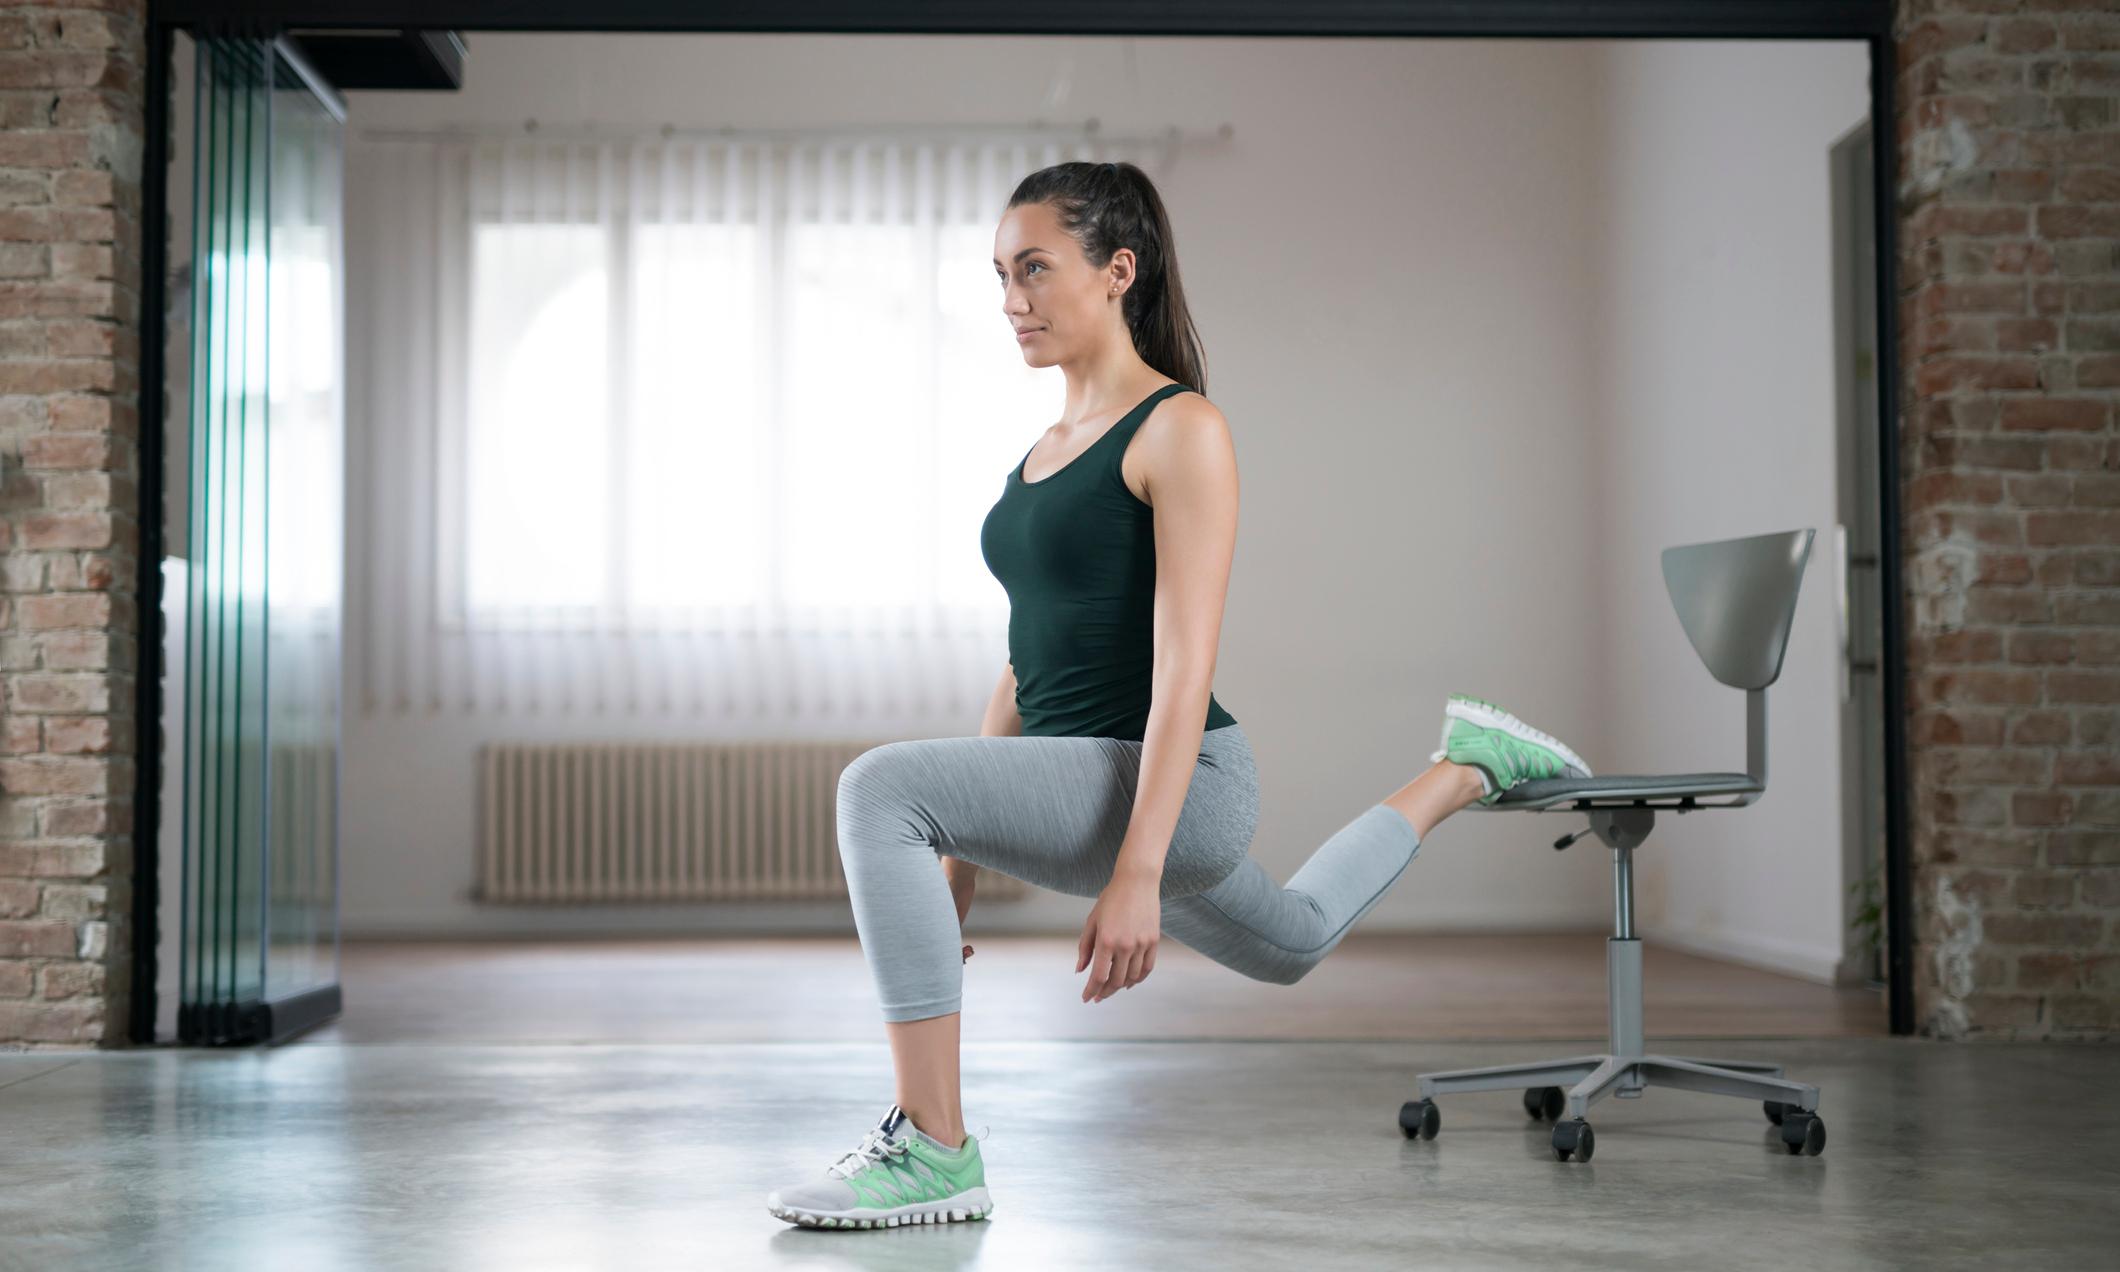 Фитнес дома: упражнения со стулом в домашних условиях, которые помогут похудеть